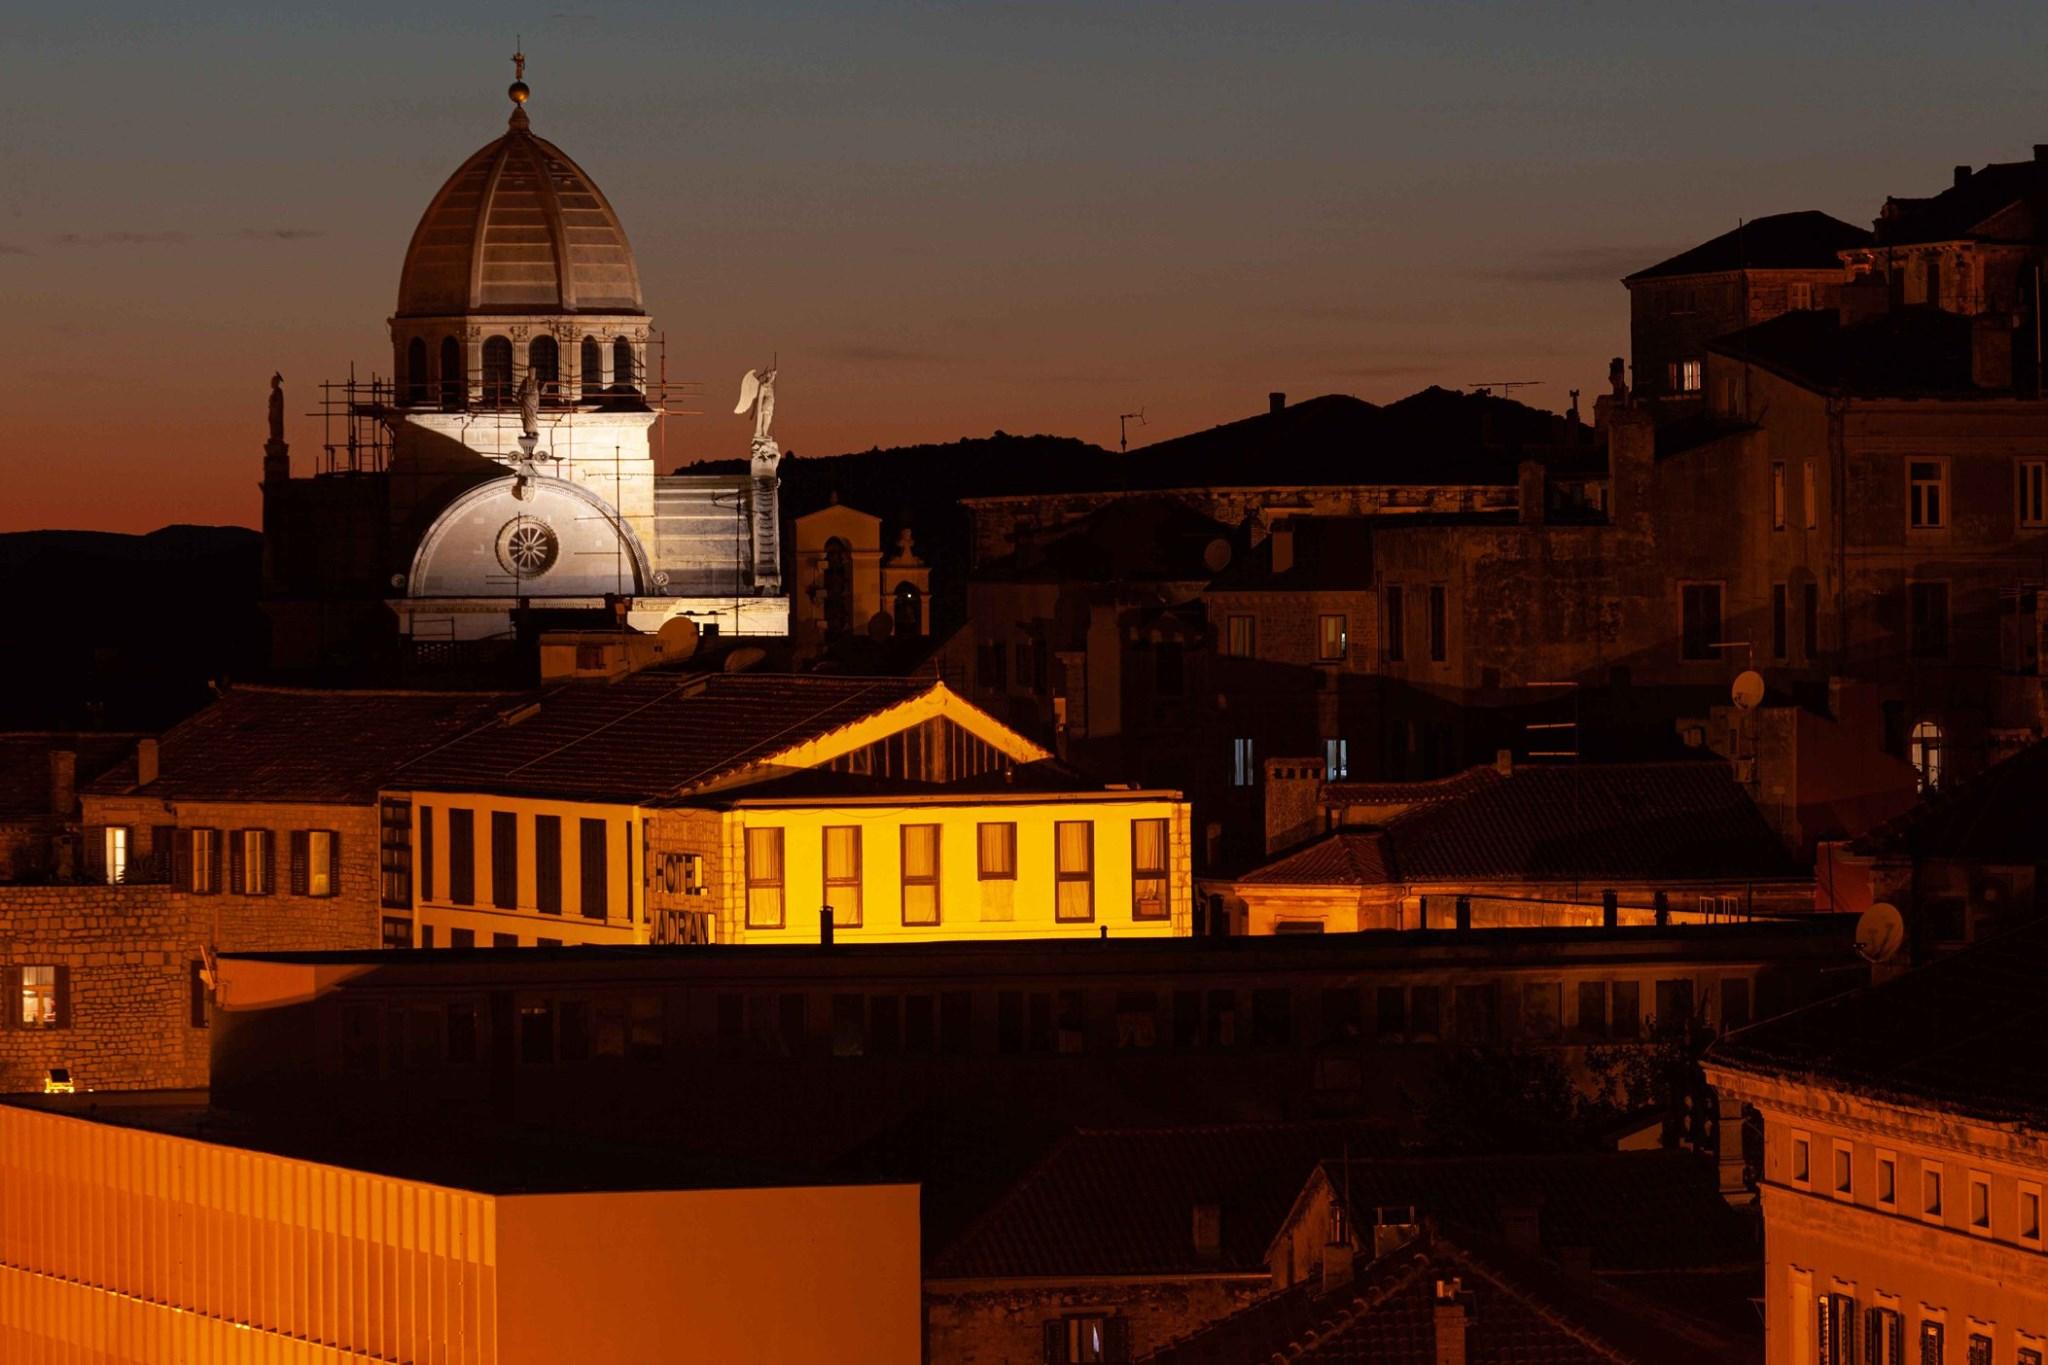 Šibenik night ride - City by night